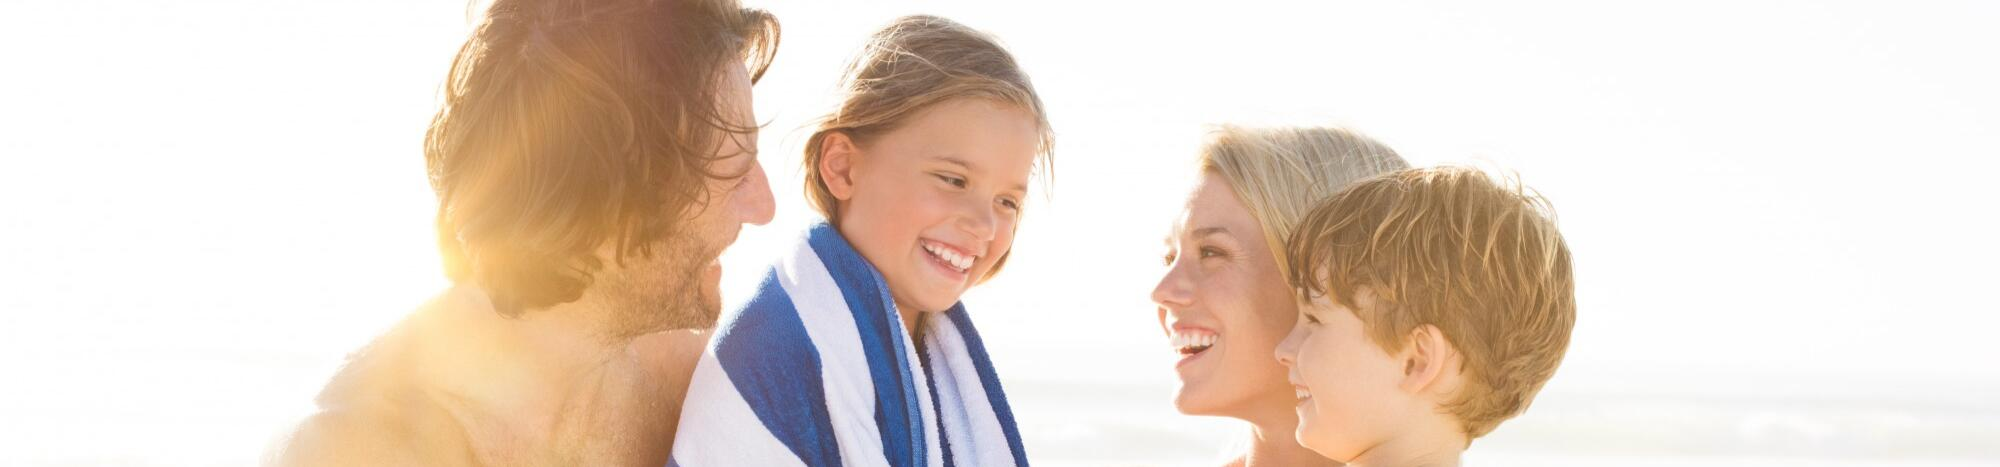 Offerta Vacanze Giugno Rimini All Inclusive - Speciale Famiglie